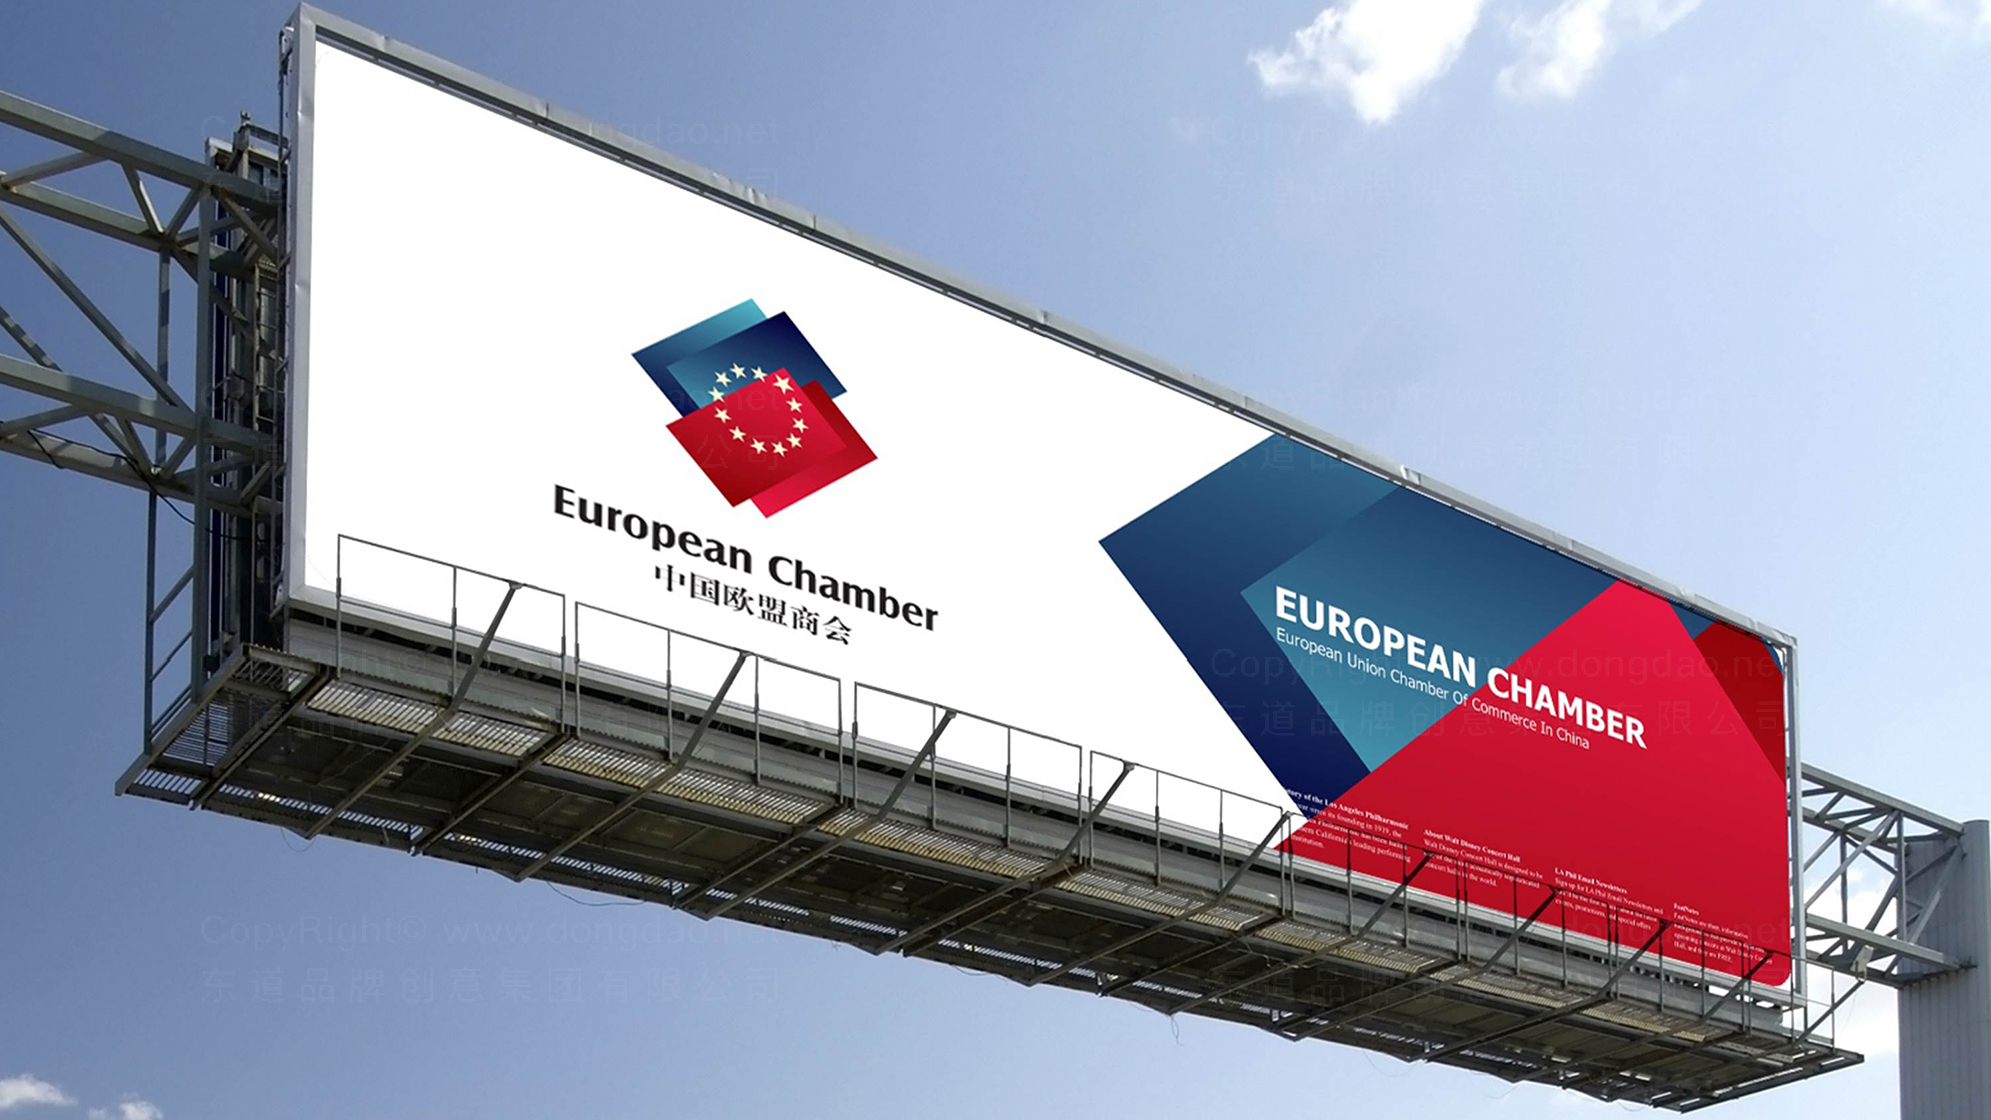 品牌设计中国欧盟商会LOGO&VI设计应用场景_4